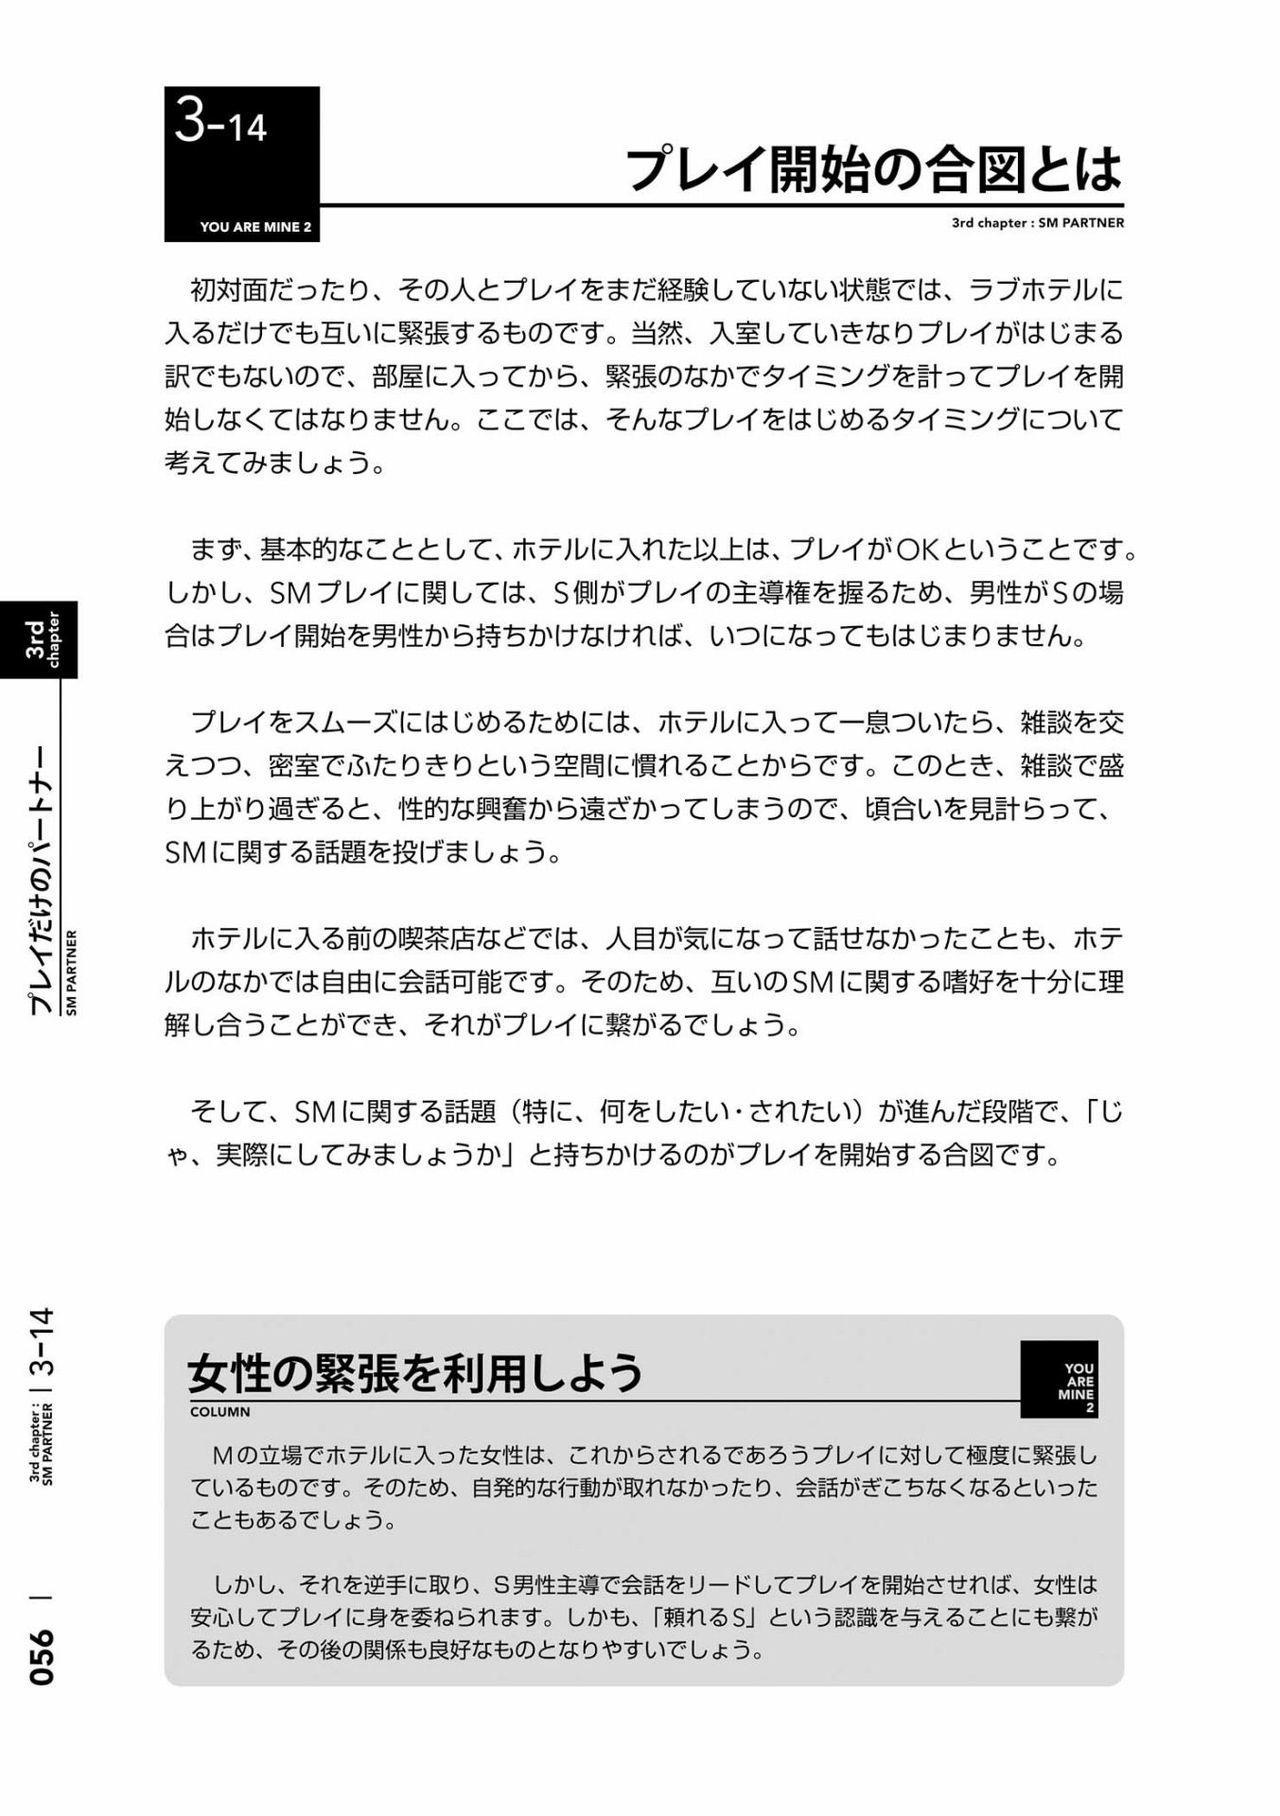 [Mitsuba] Karada mo Kokoro mo Boku no Mono ~Hajimete no SM Guide~ 2 [Digital] 58